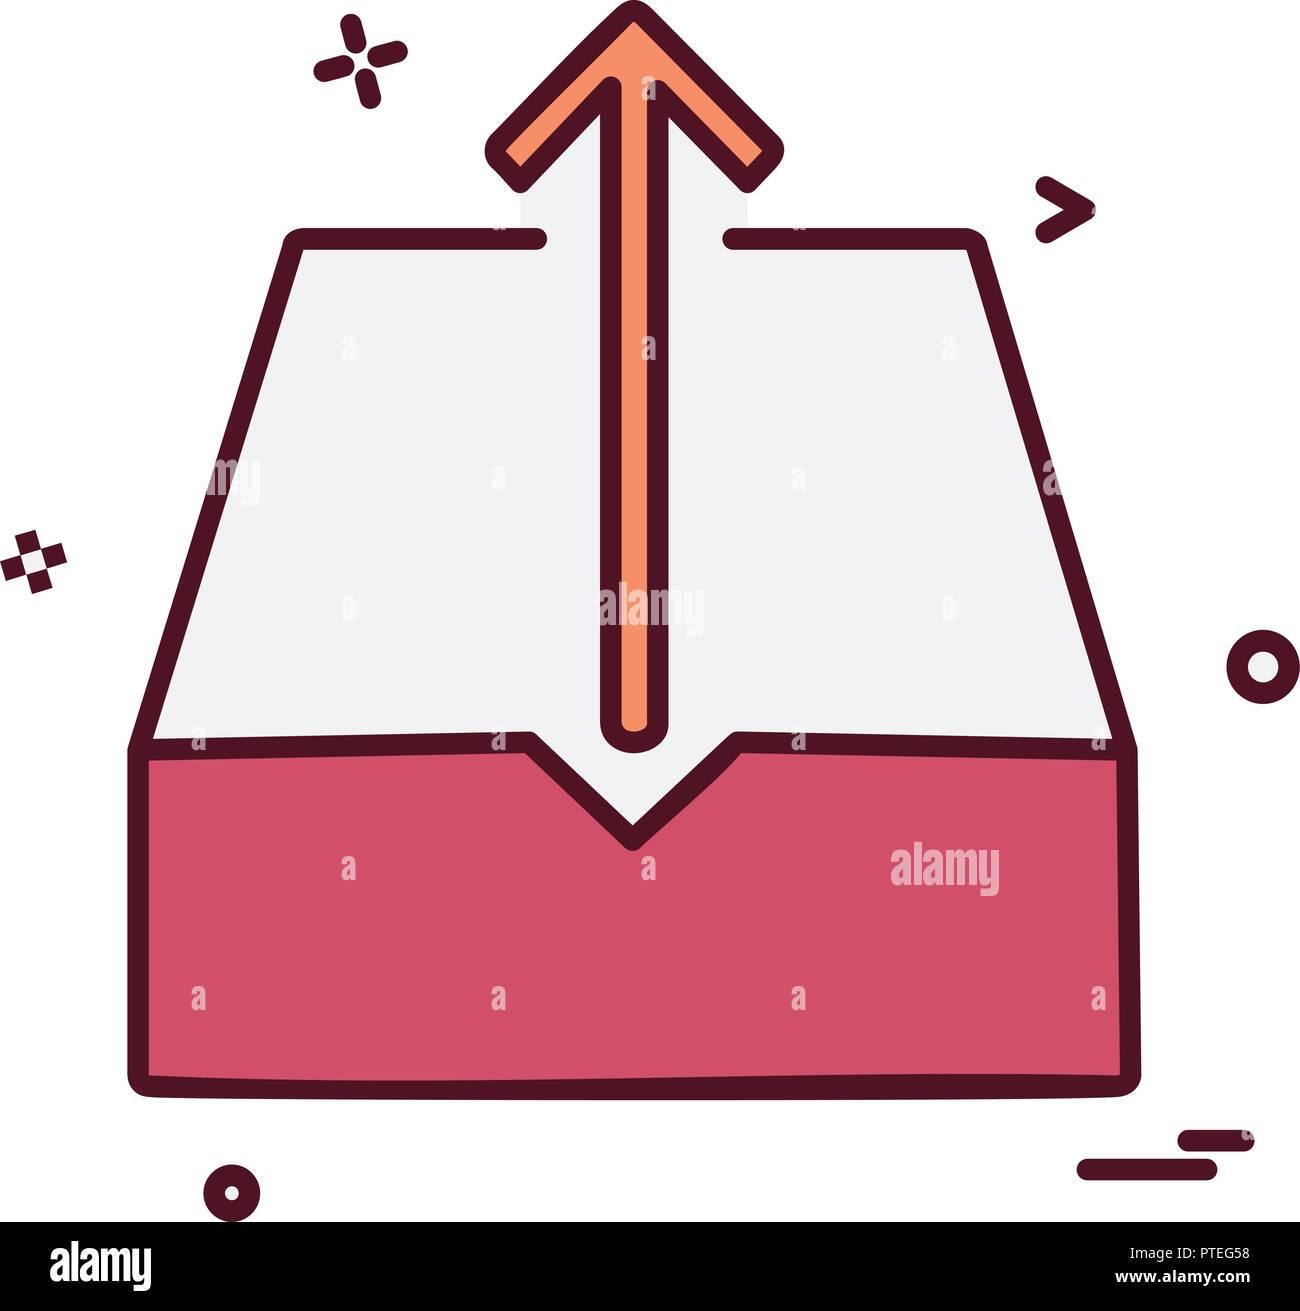 Mail Dropbox Stock Photos Mail Dropbox Stock Images Alamy